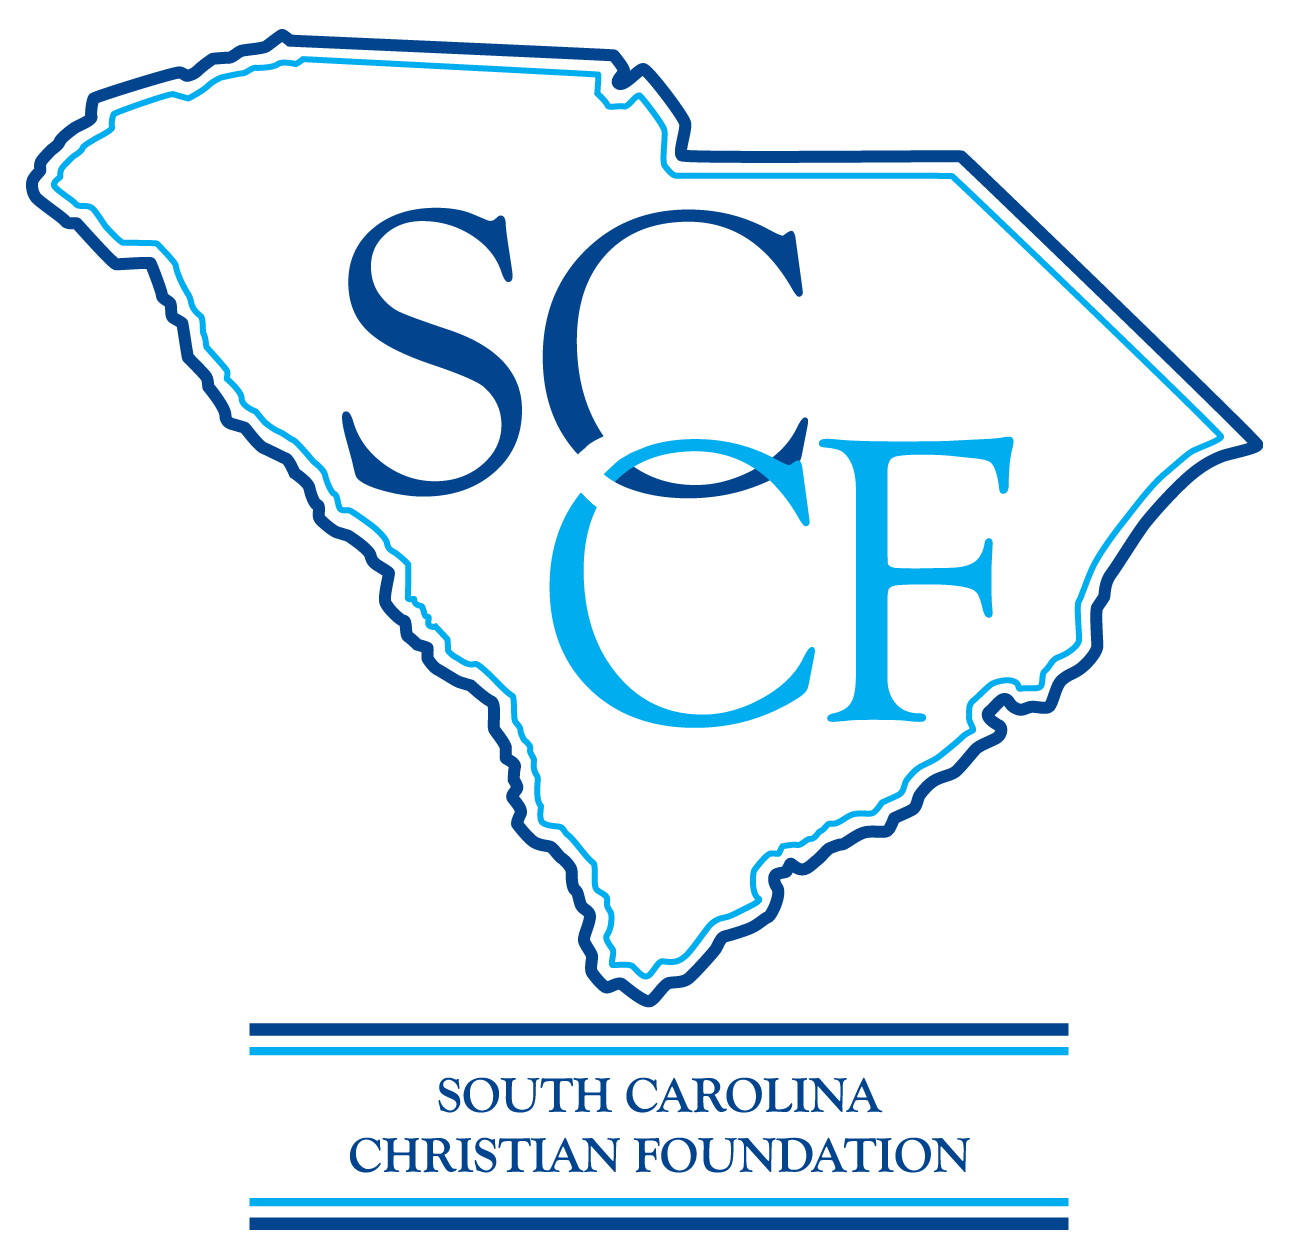 SCCF Logo (Orig).png